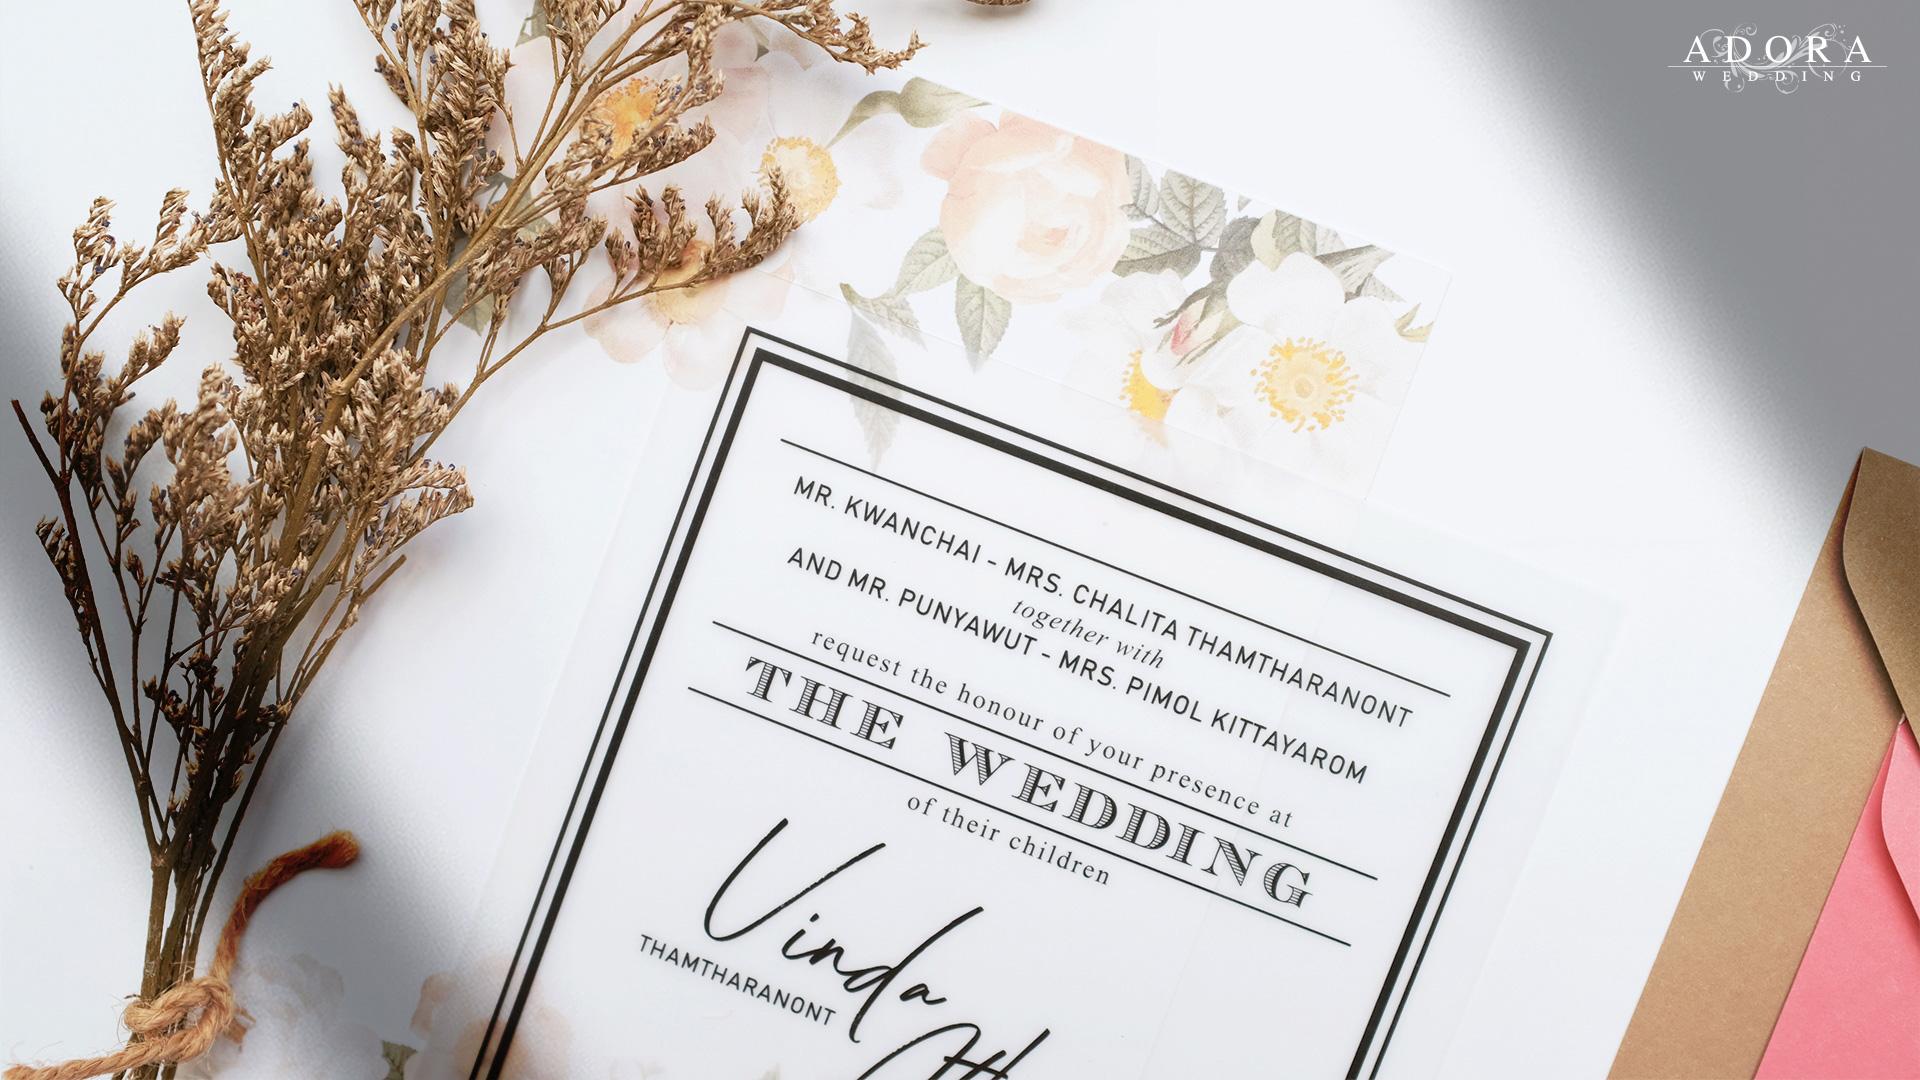 B124LY | การ์ดแต่งงานที่ใช้เทคนิคหรือวัสดุพิเศษ